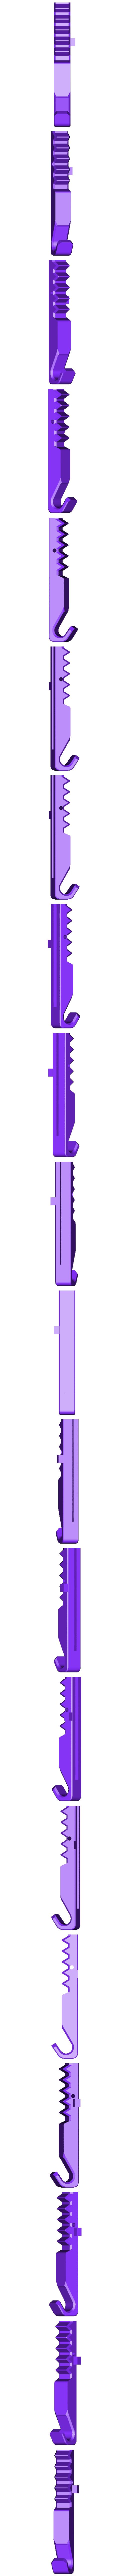 crema.stl Télécharger fichier STL Drapeau de signalisation du détenteur de la clé • Modèle pour imprimante 3D, TRex